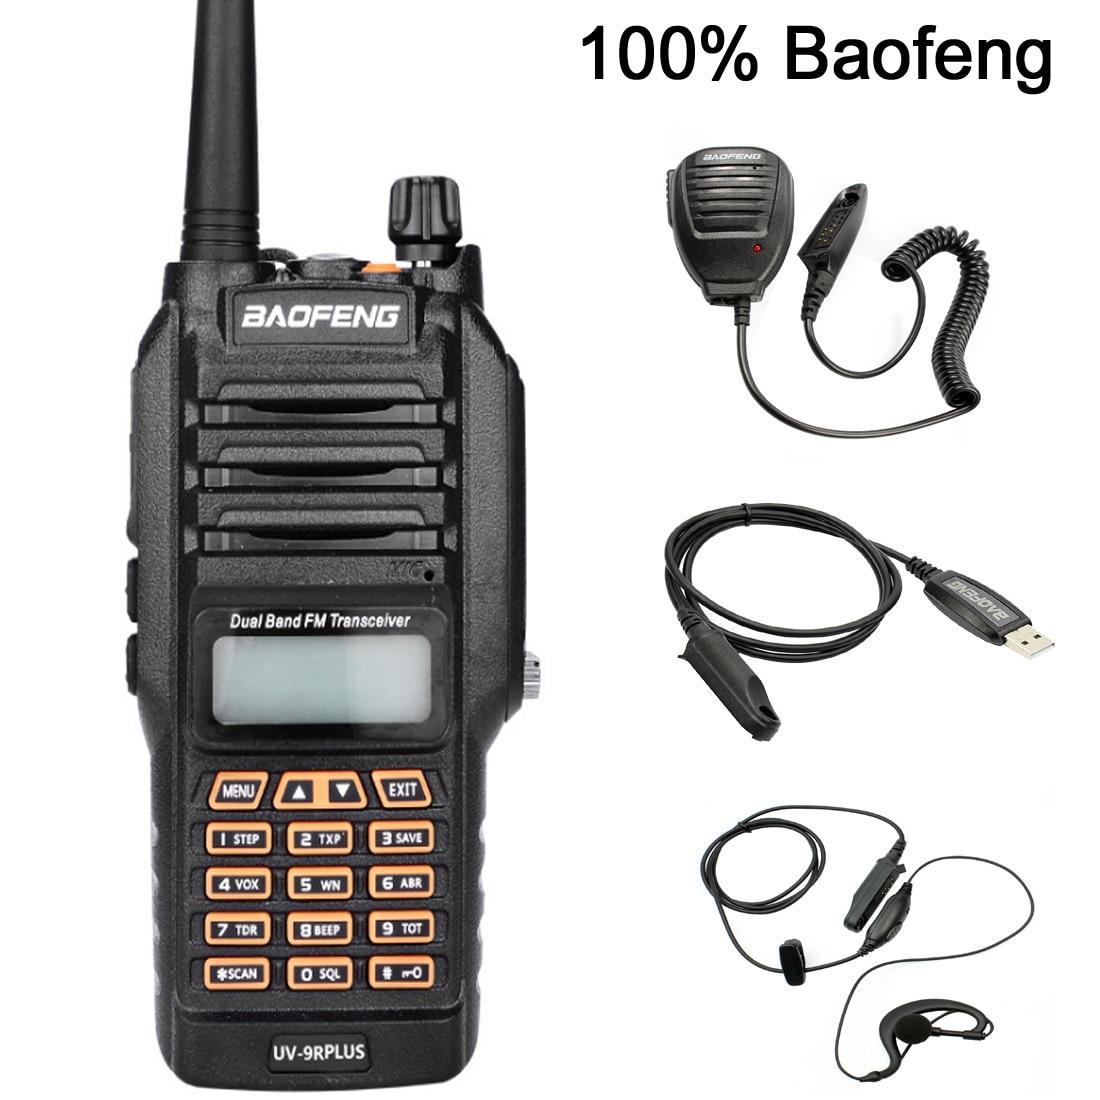 Baofeng UV-9R Plus Waterproof Walkie Talkie 5W Powerful Two Way Radio Dual Band Handheld 10km Long Range UV9R CB Portable Radio